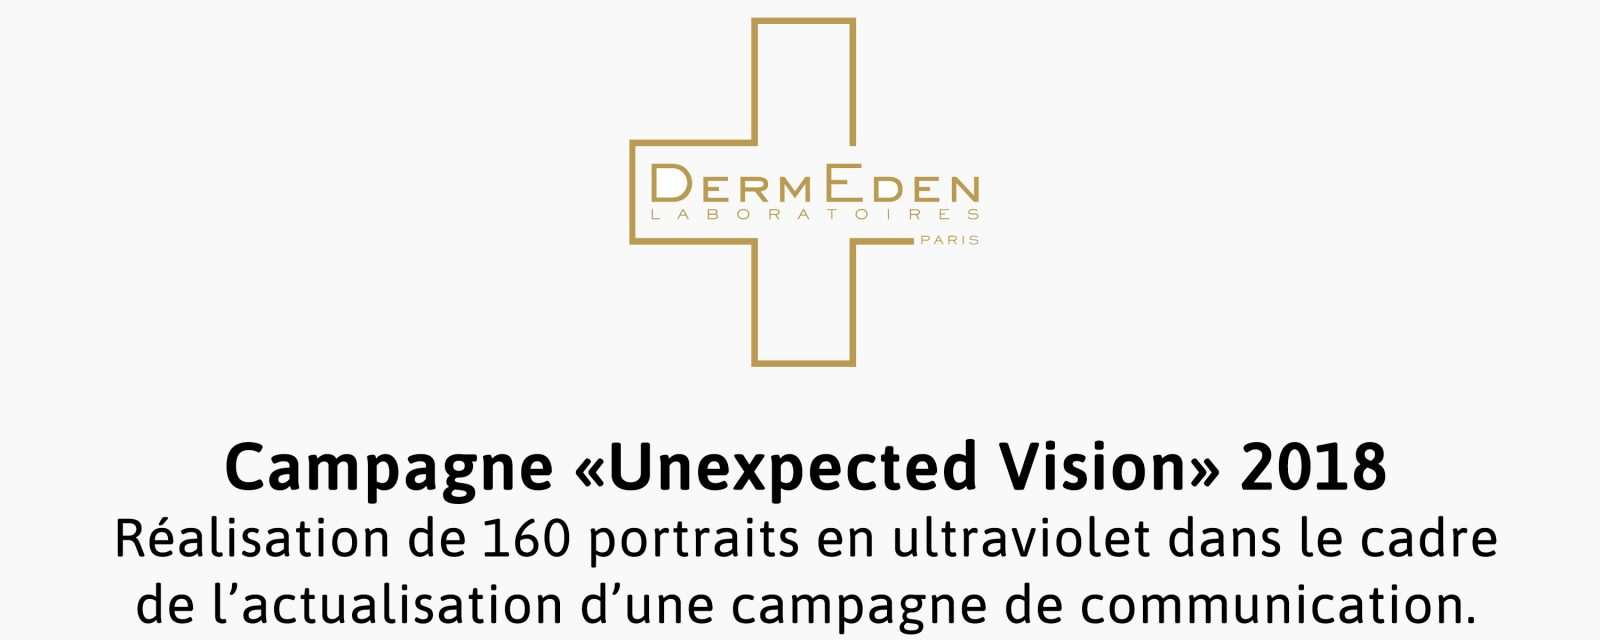 Dermeden bis | Pierre-Louis Ferrer Photographie | Réalisations clients